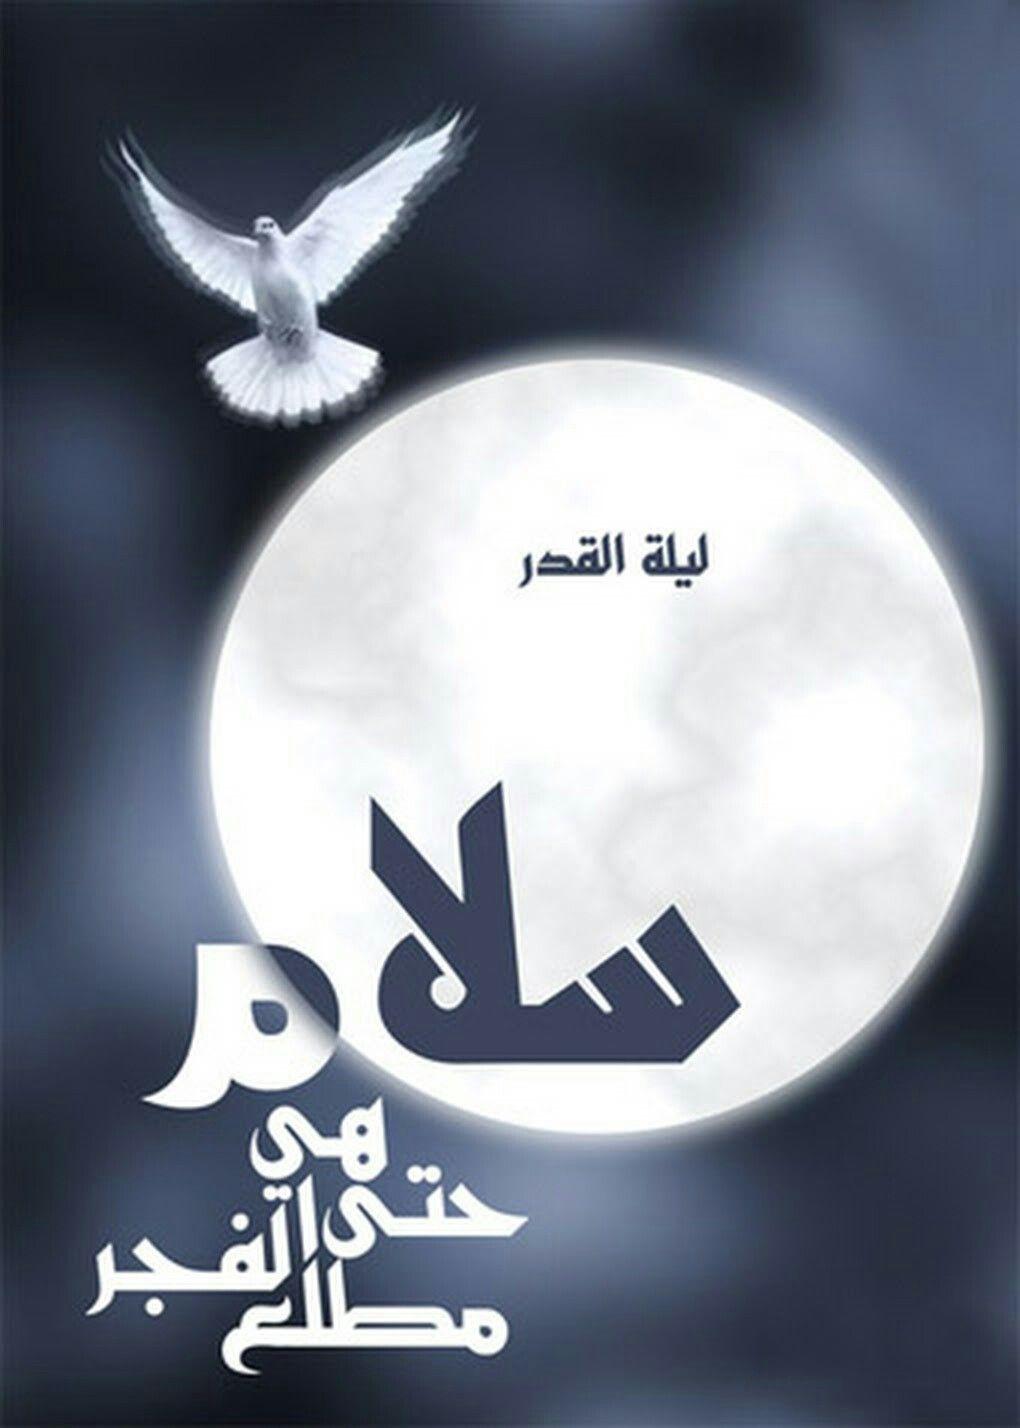 انا انزلناه في ليلة القدر وما ادراك ماليلة القدر ليلة القدر خير من الف شهر تنزل الملائكة والروح فيها بأذن ربهم من كل امر سلام هي Ramadan Ramadan Kareem Kareem